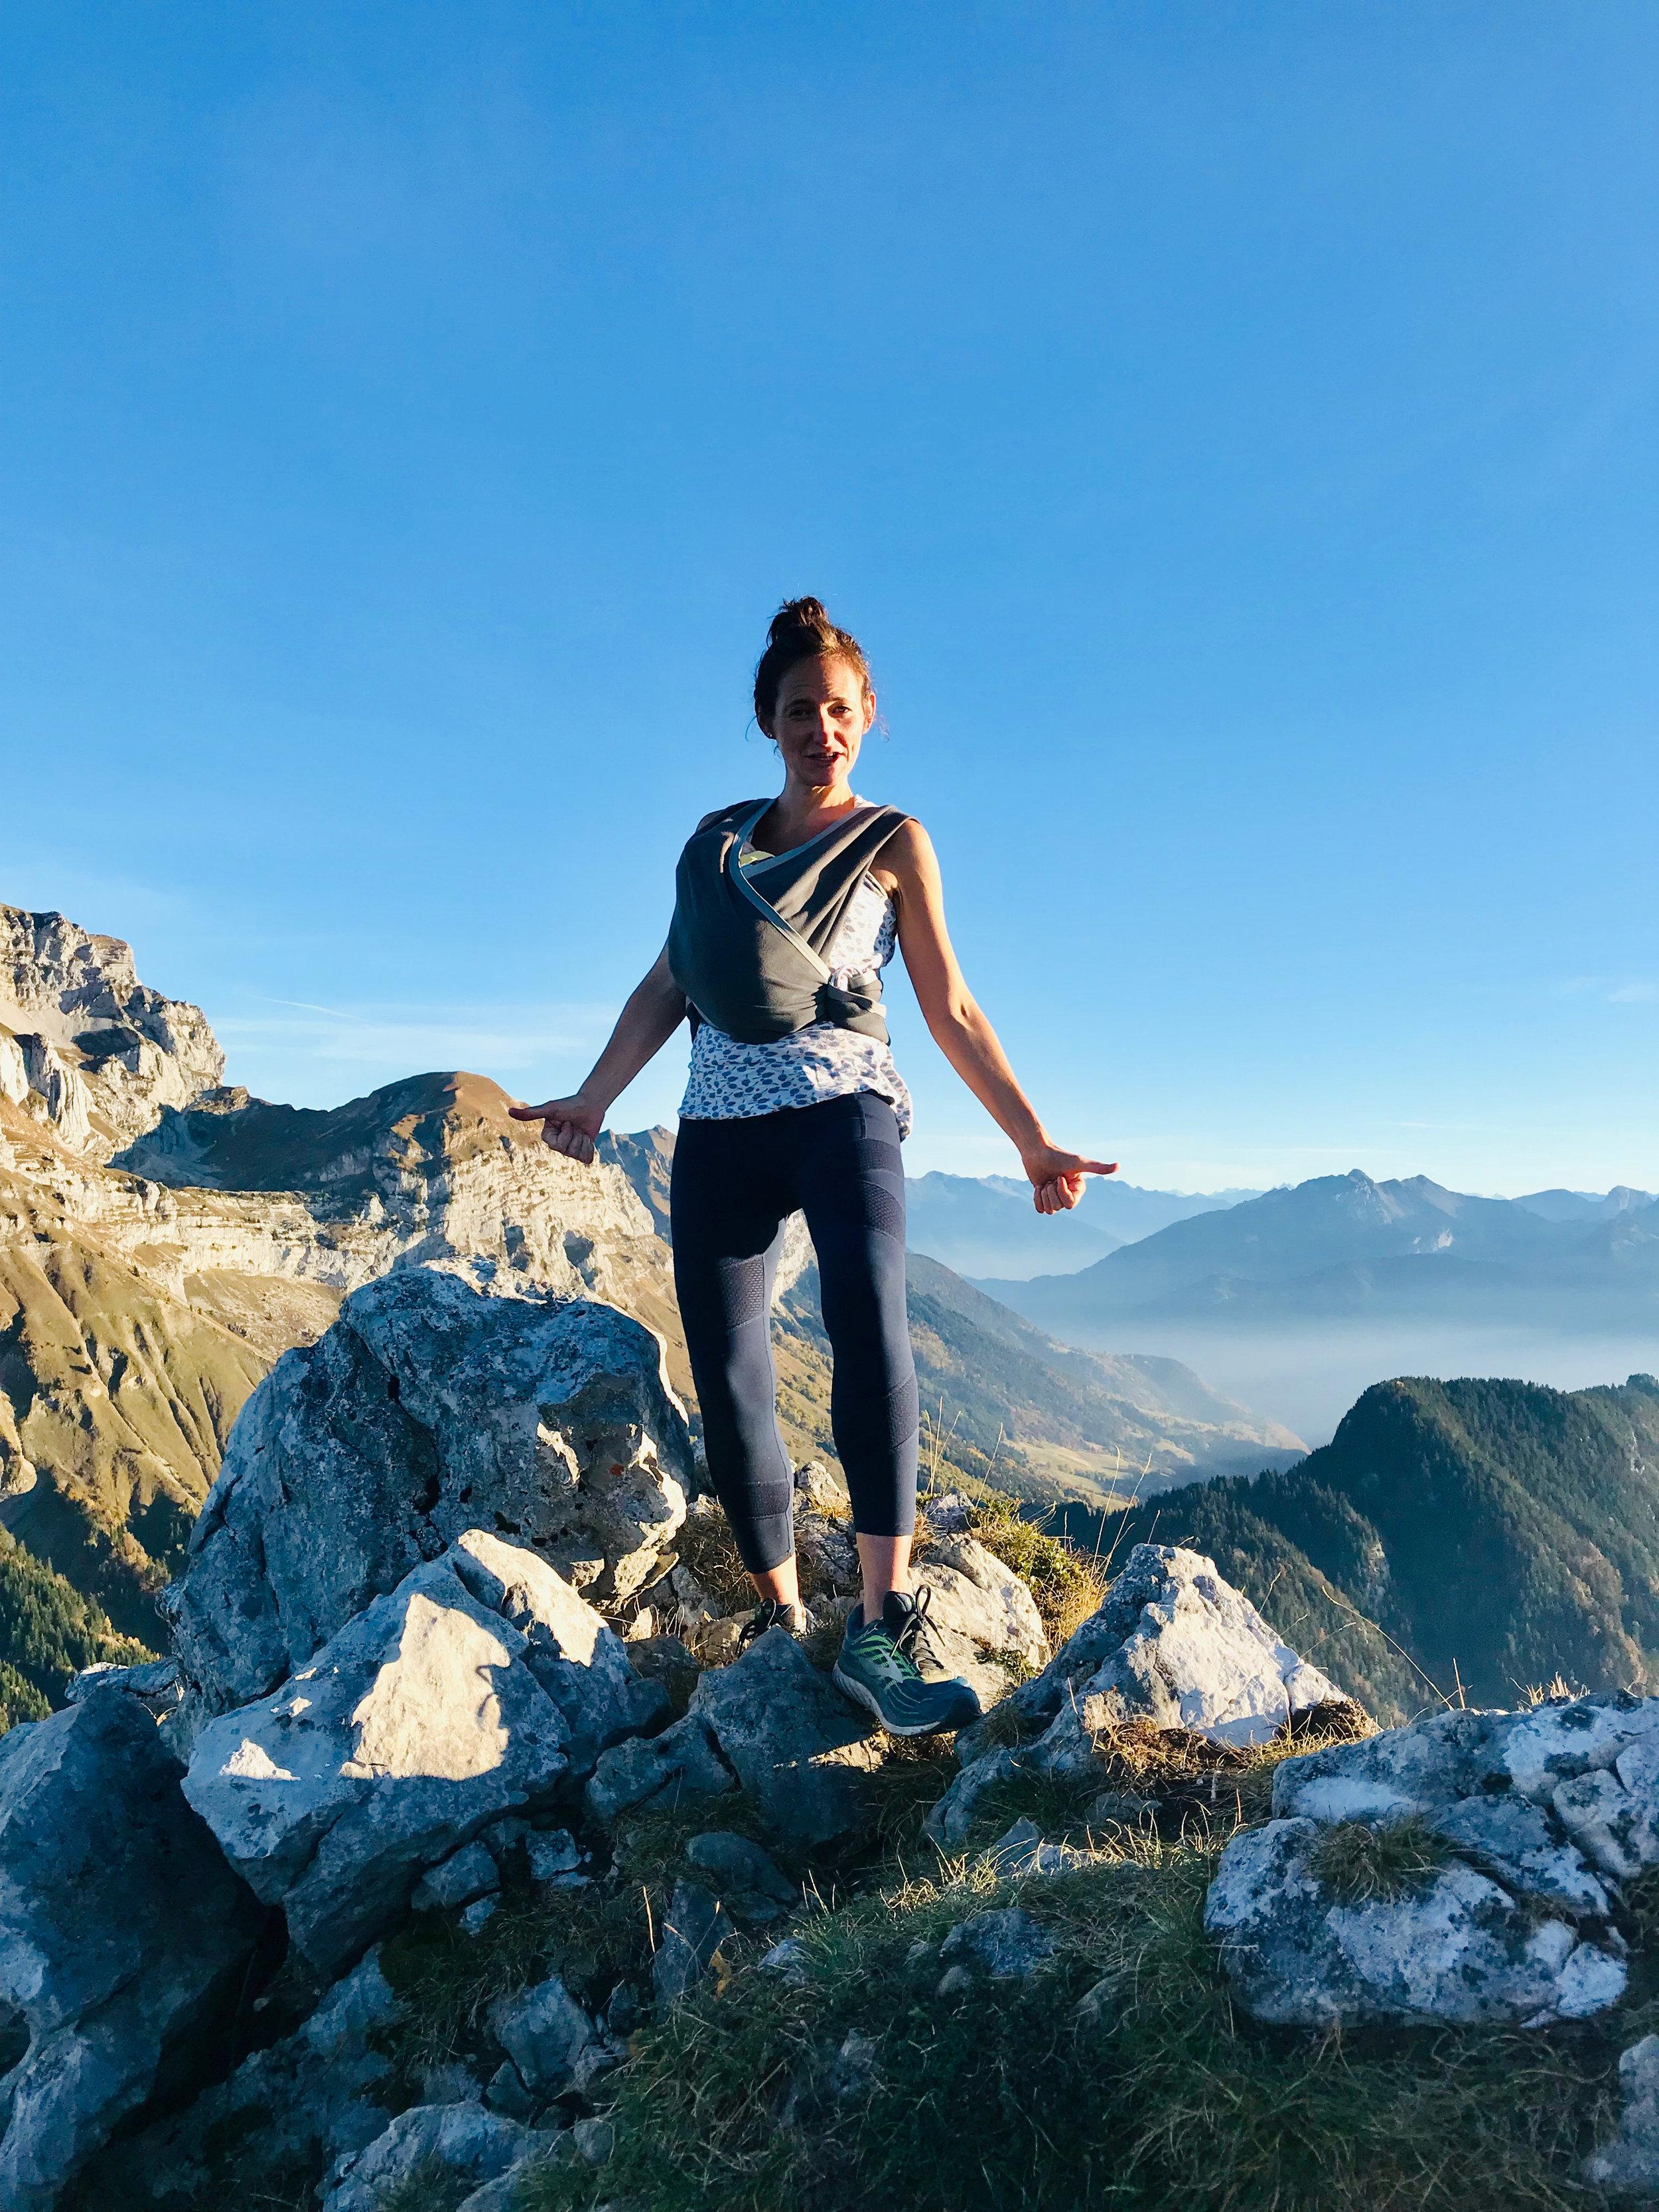 L'air pur de la montagne berce notre petit bébé et on ne l'entend pas de toute la montée. - Amélie Lefèvre.